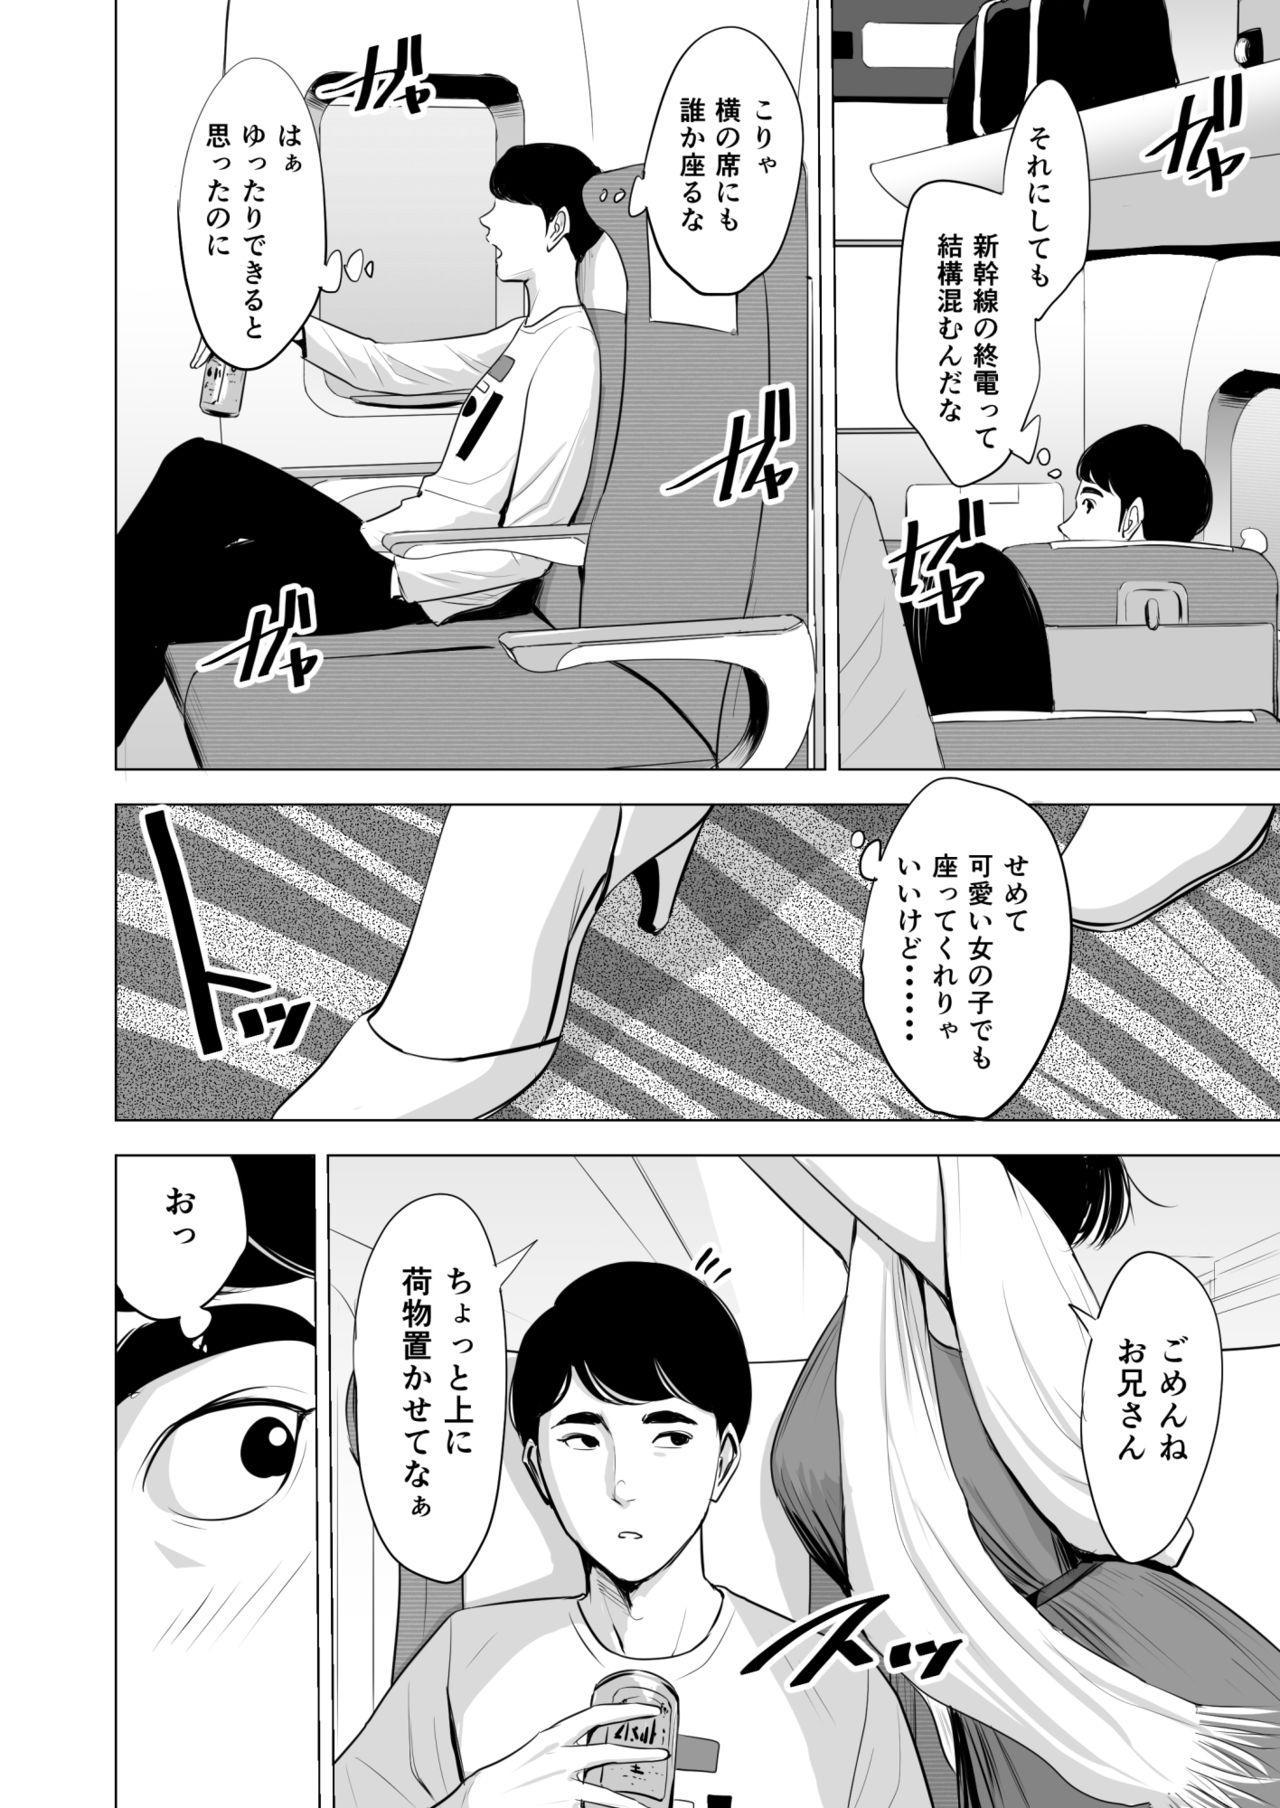 Shinkansen de Nani shiteru!? 3